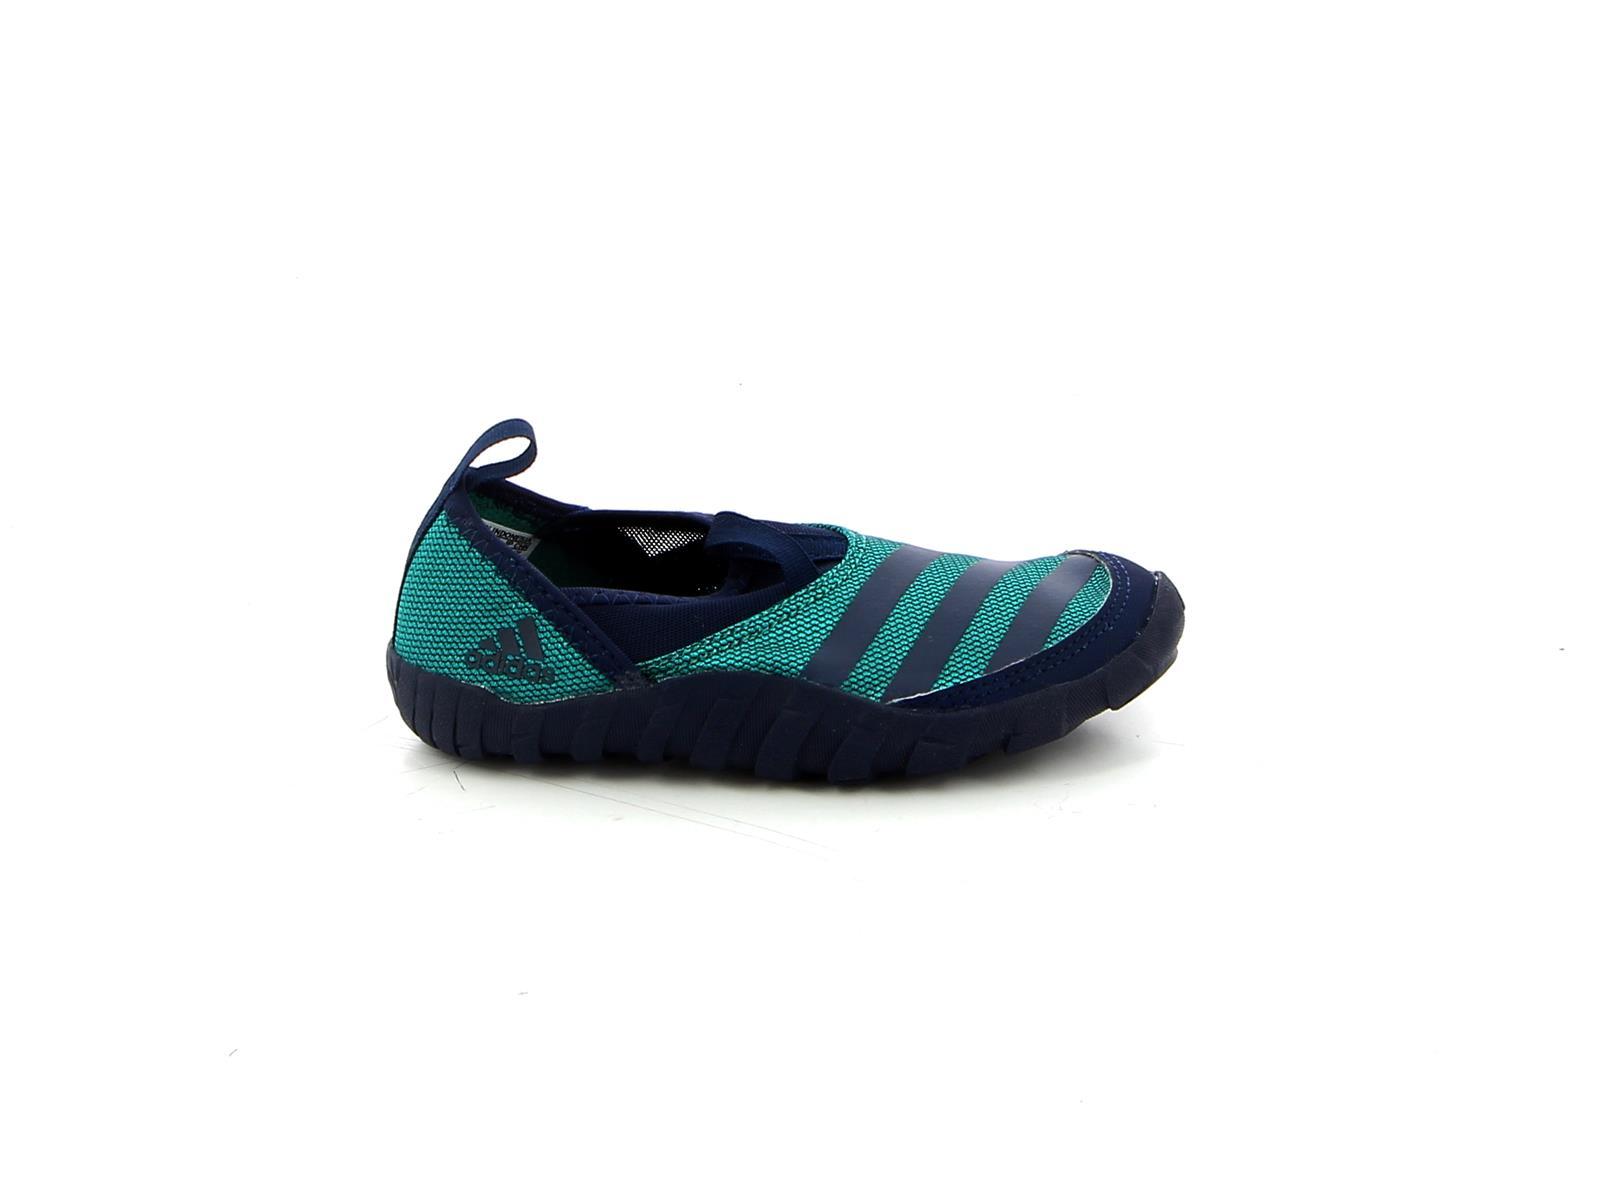 calzado deportivo adidas en uruguay